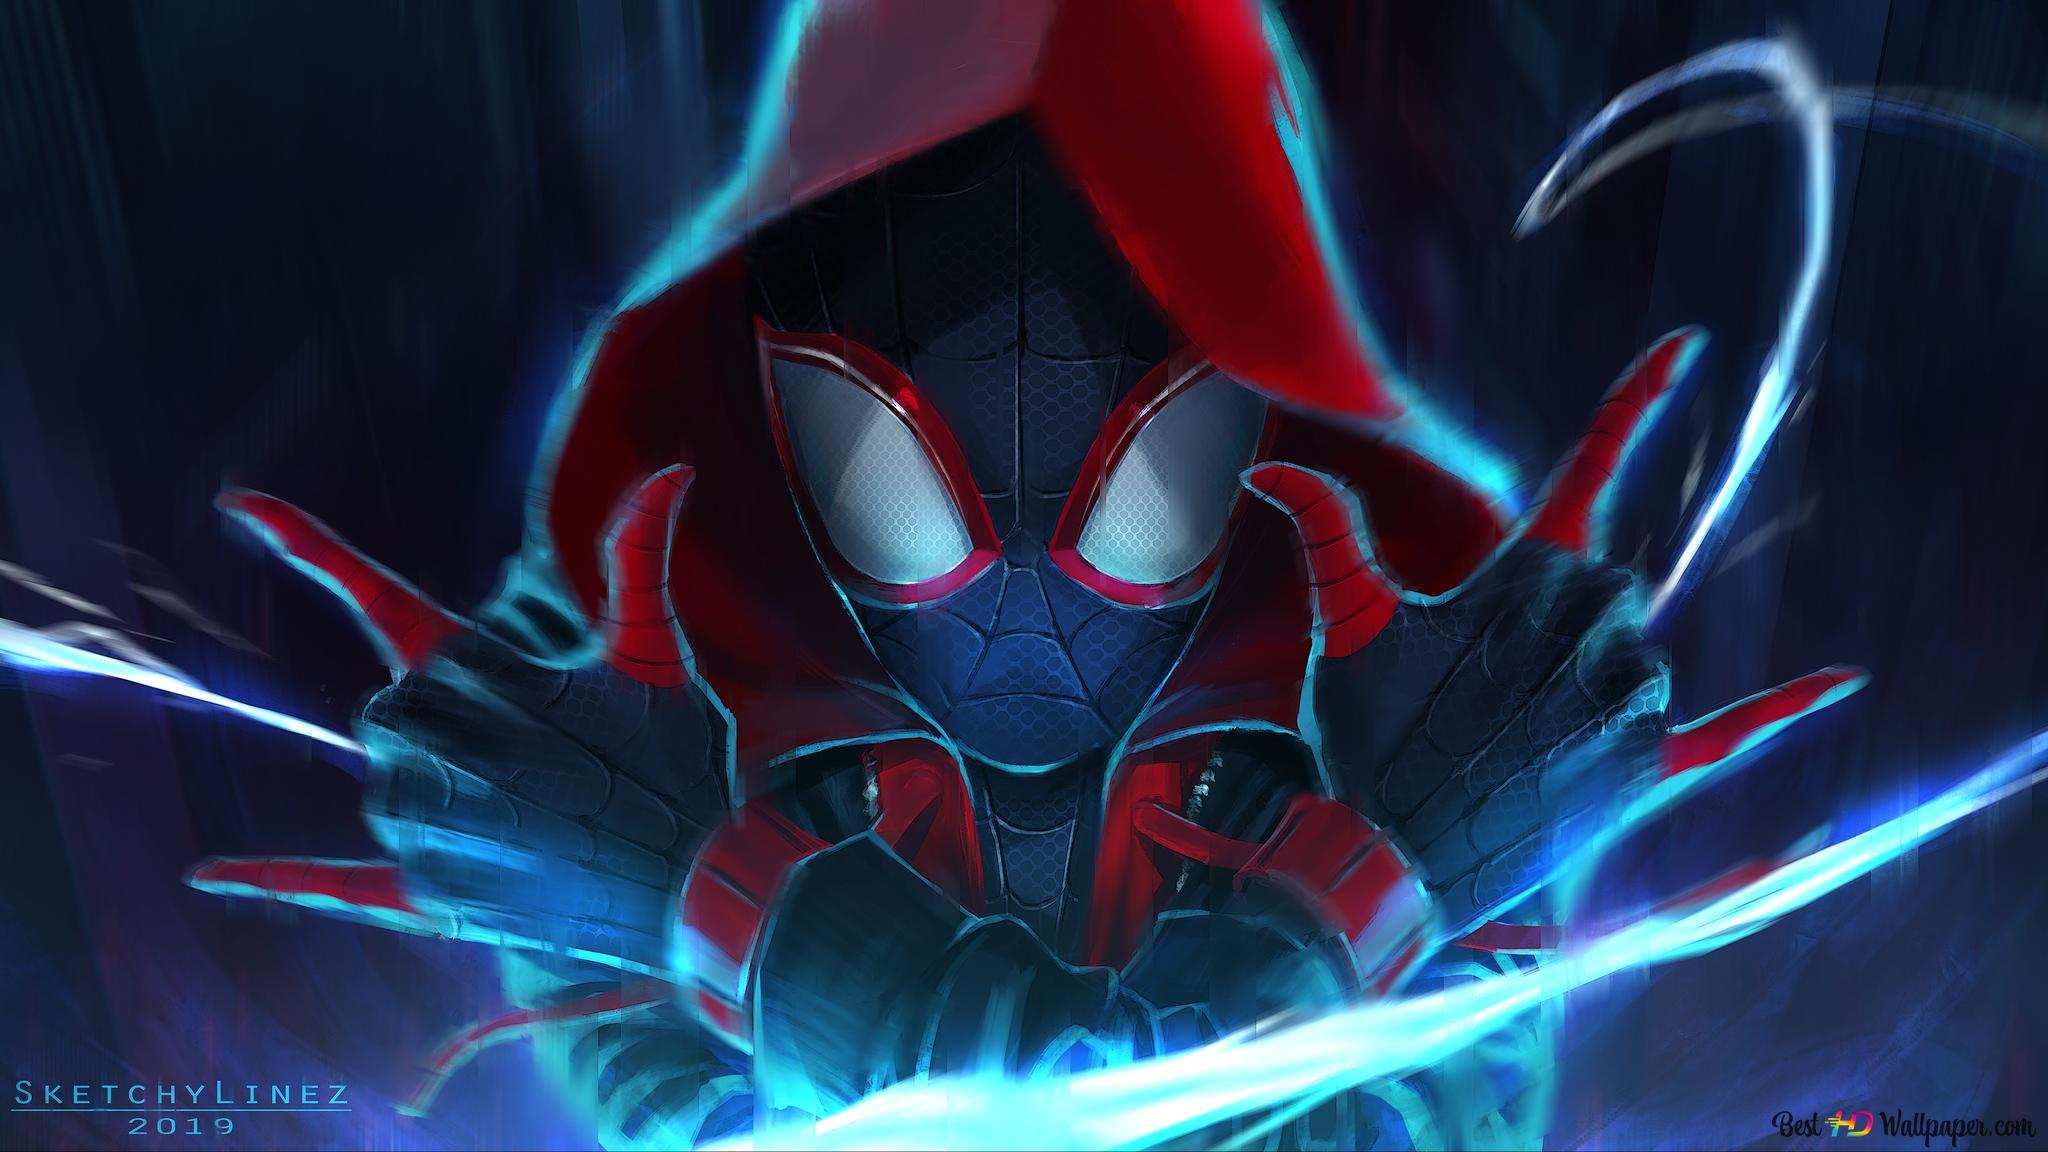 Spider Man Into The Spider Verse Movie Spiderman Noir Hd